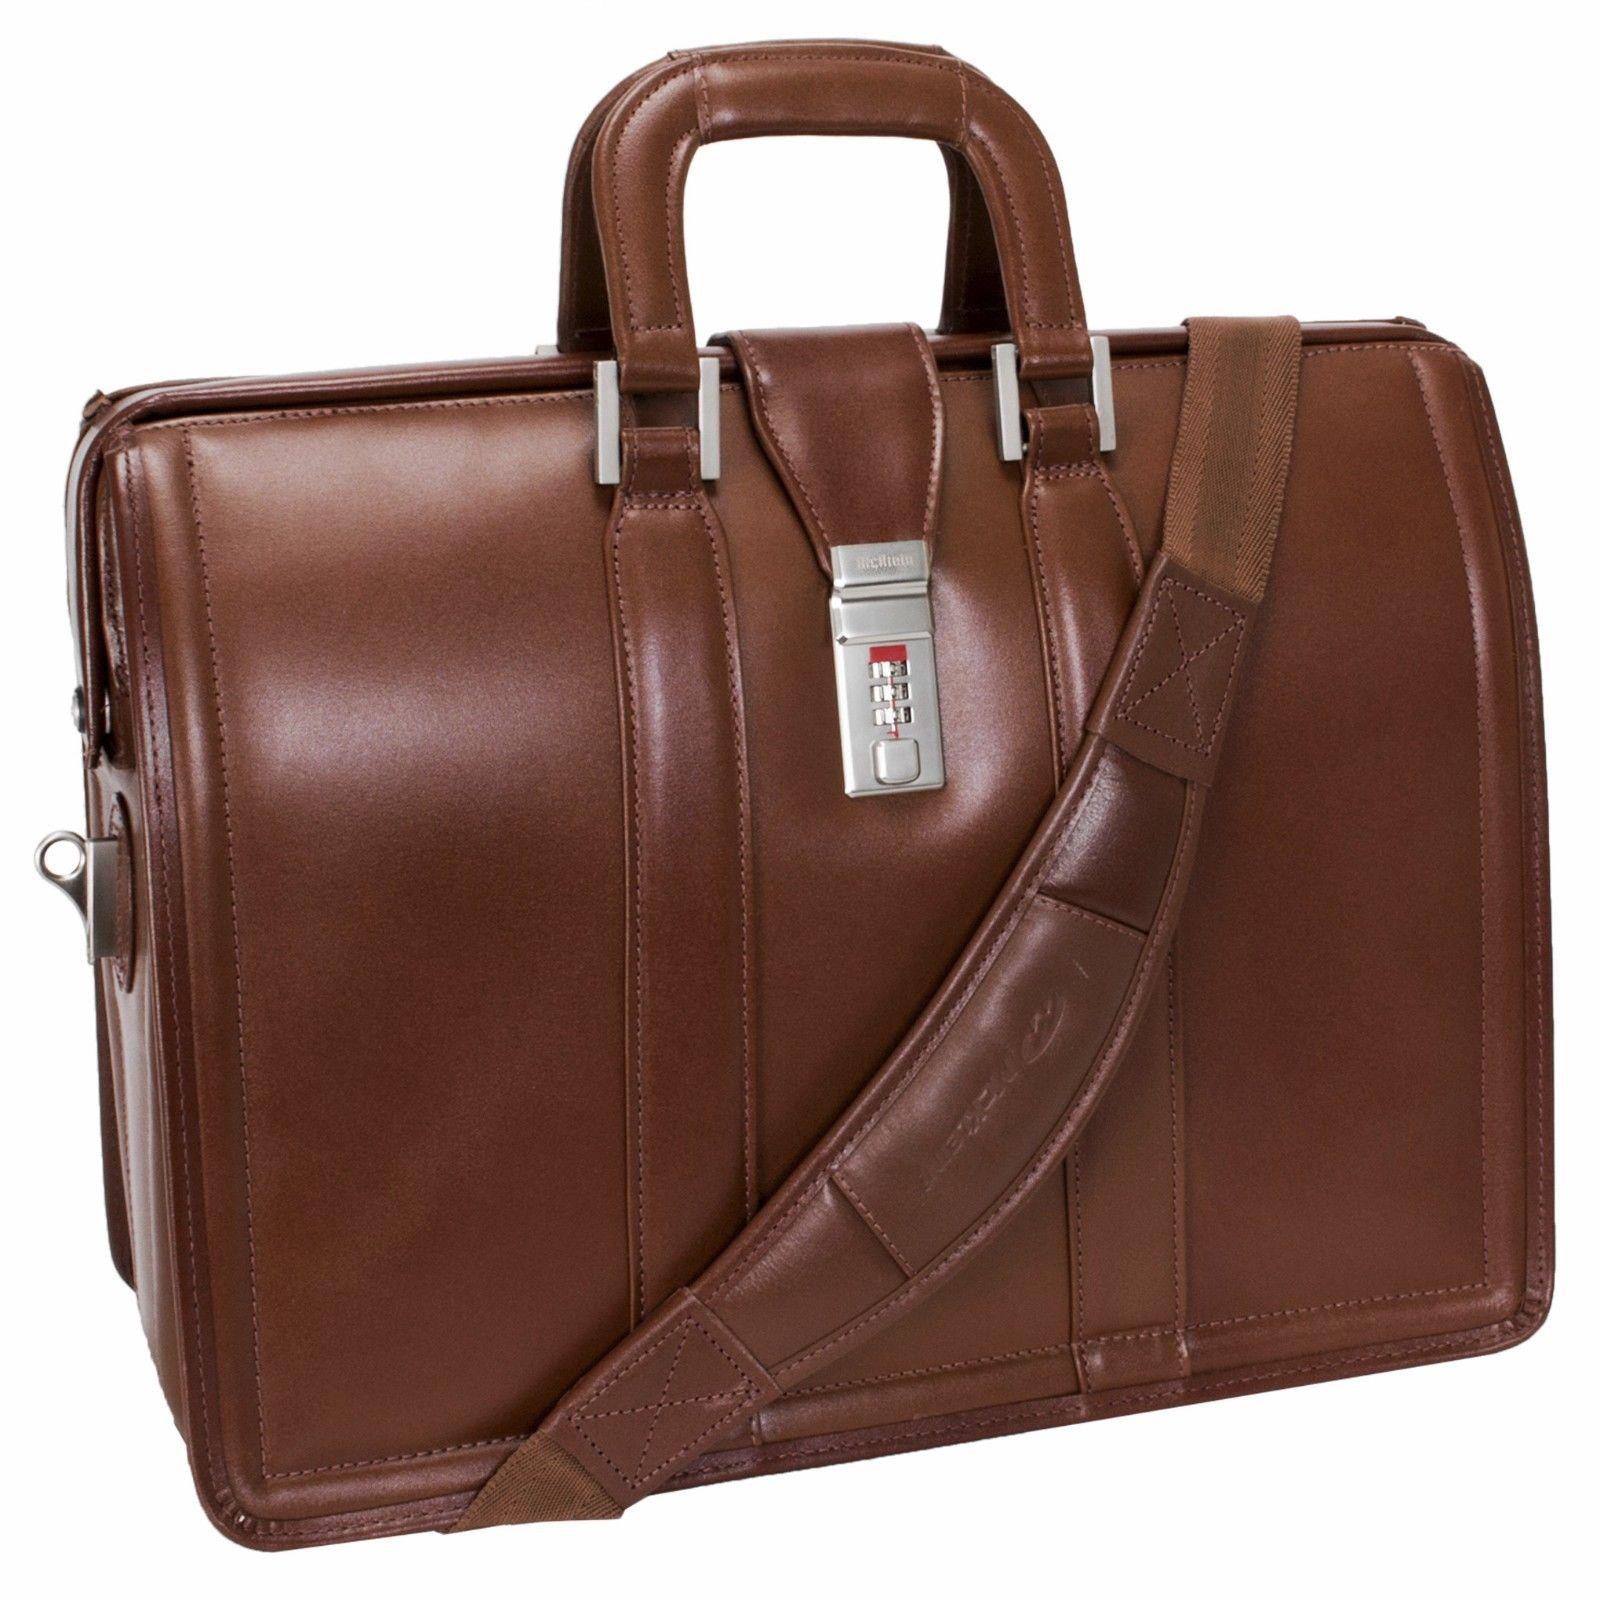 McKlein USA男士 公文包商务手提包棕色复古时尚报道斜跨背包